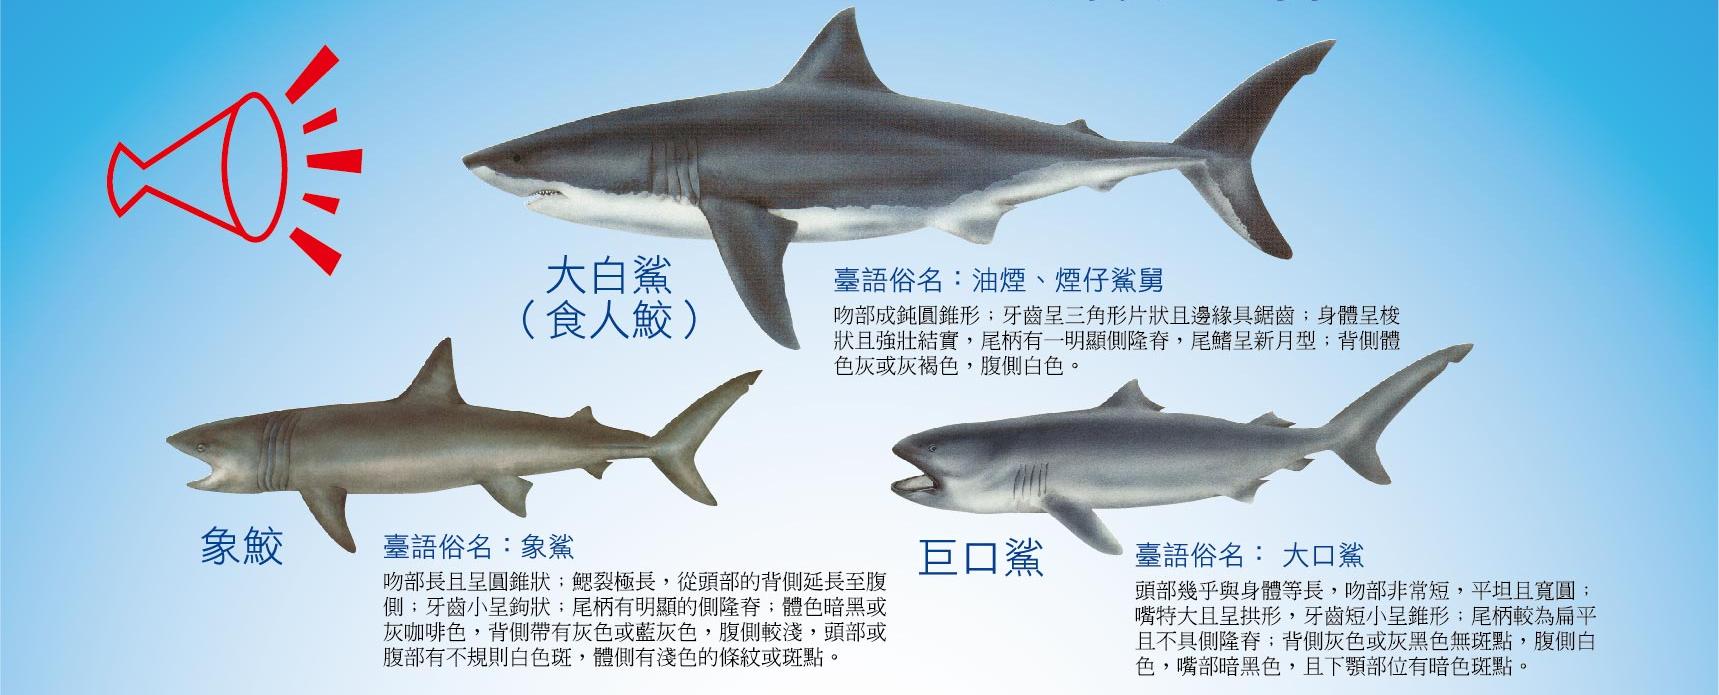 大白鯊象鮫及巨口鯊